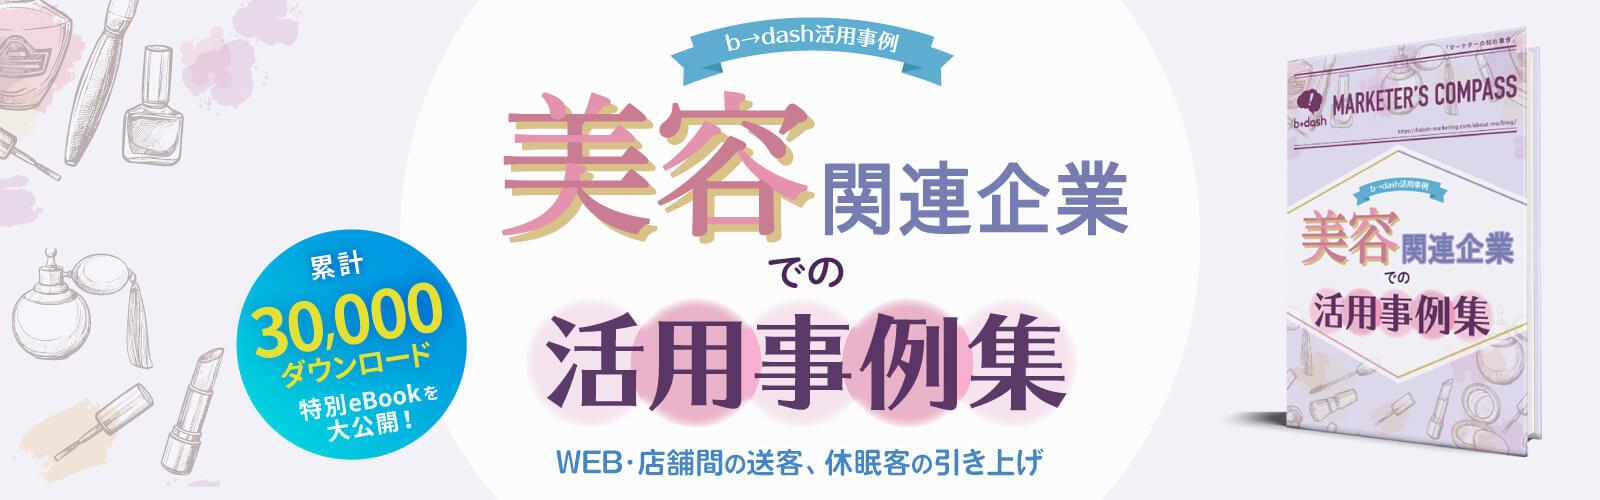 b→dash活用事例集「美容関連企業」編